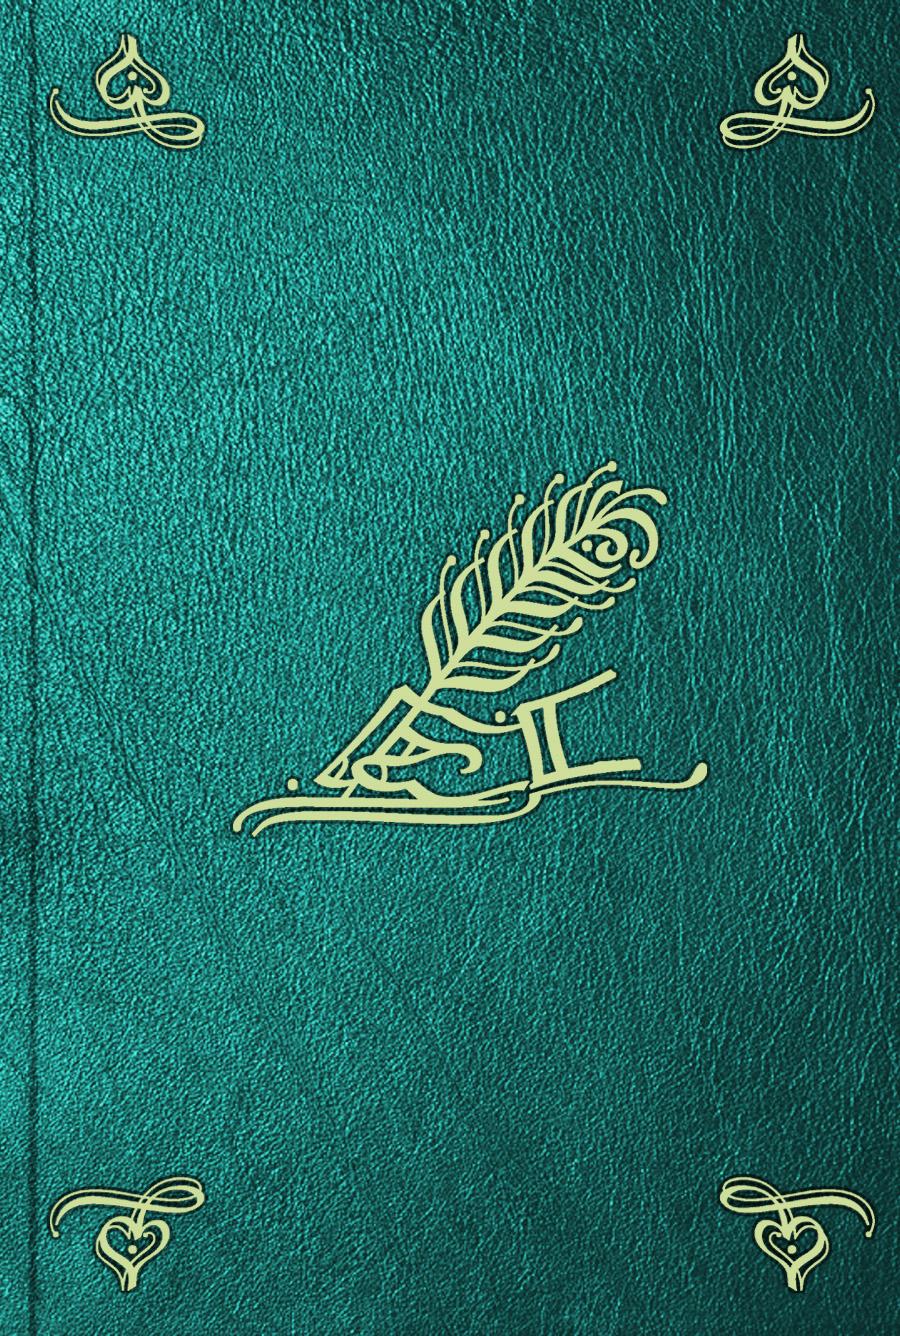 George Annesley Valentia Voyages dans l'Hindoustan, à Ceylon, sur les deux côtes de la Mer rouge, en Abyssinie et en Égypte, durant les années 1802, 1803, 1804, 1805 et 1806. T. 2 vue sur mer® свитер